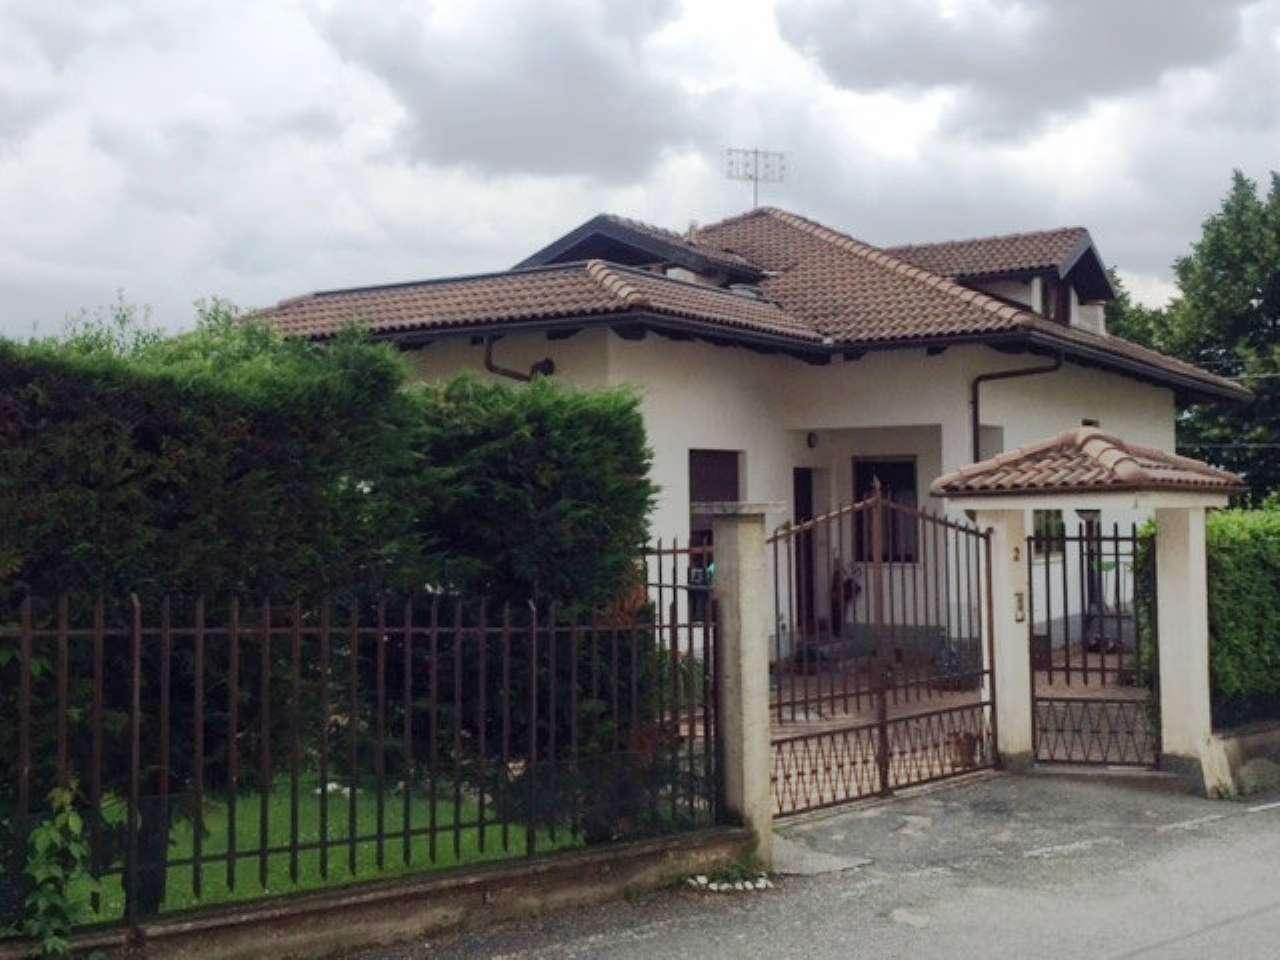 Villa in vendita a Rosta, 9999 locali, prezzo € 358.000 | CambioCasa.it